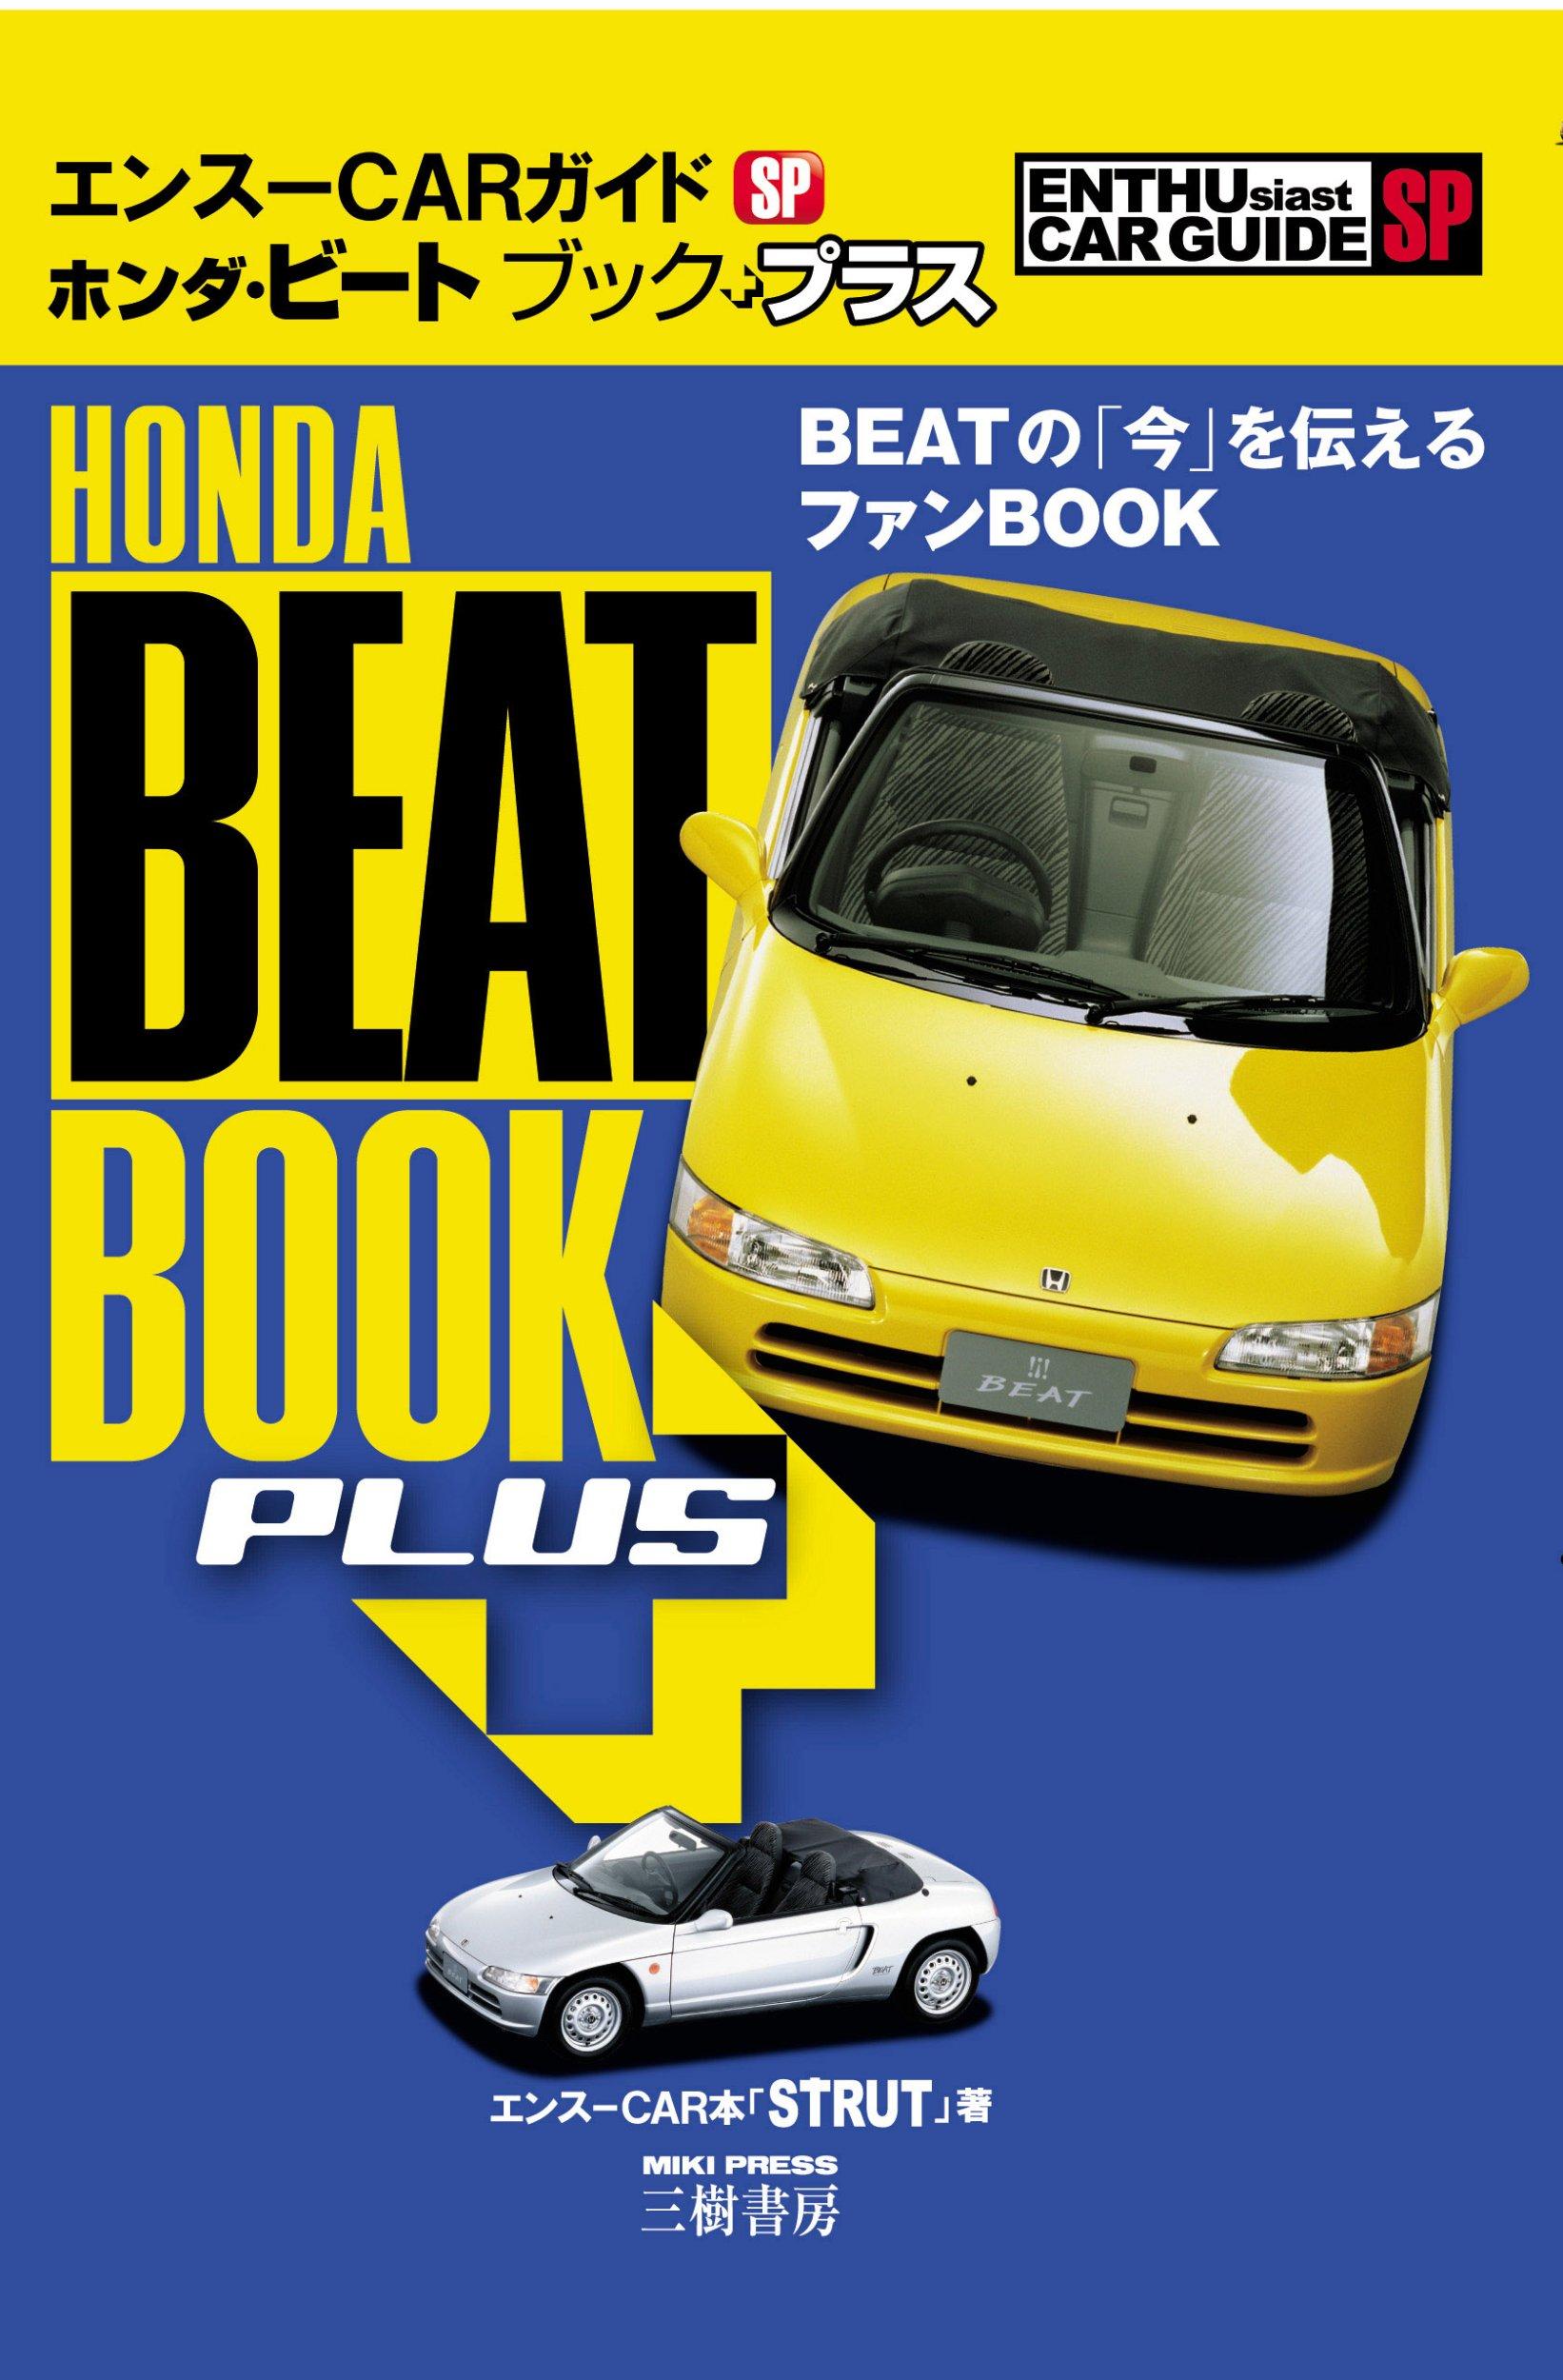 Read Online Honda bīto bukku purasu : bīto no ima o tsutaeru fan bukku pdf epub